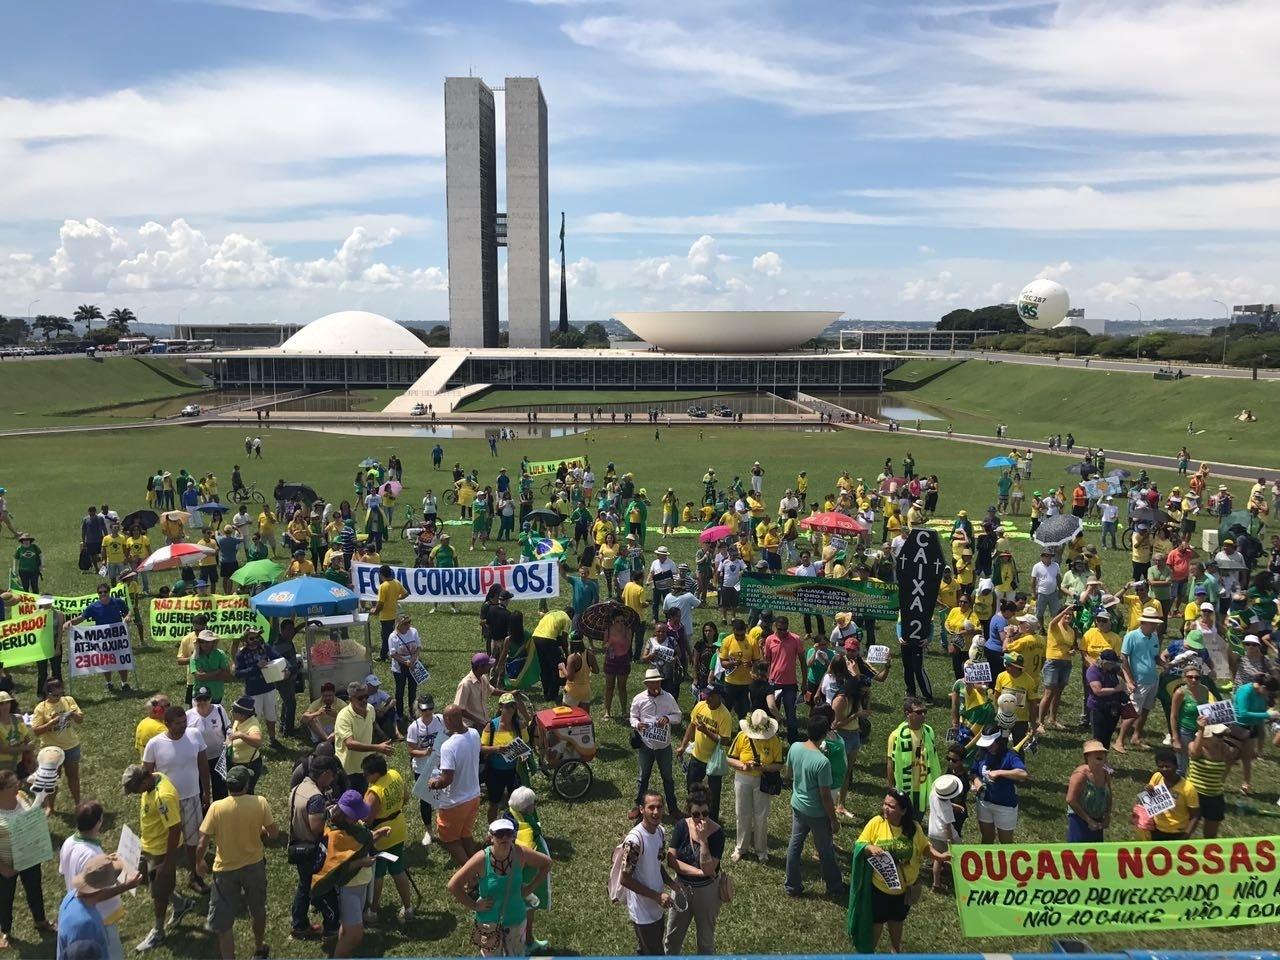 26.mar.2017 - Manifestantes a favor da Operação Lava Jato ocuparam a Esplanada dos Ministérios, em Brasília